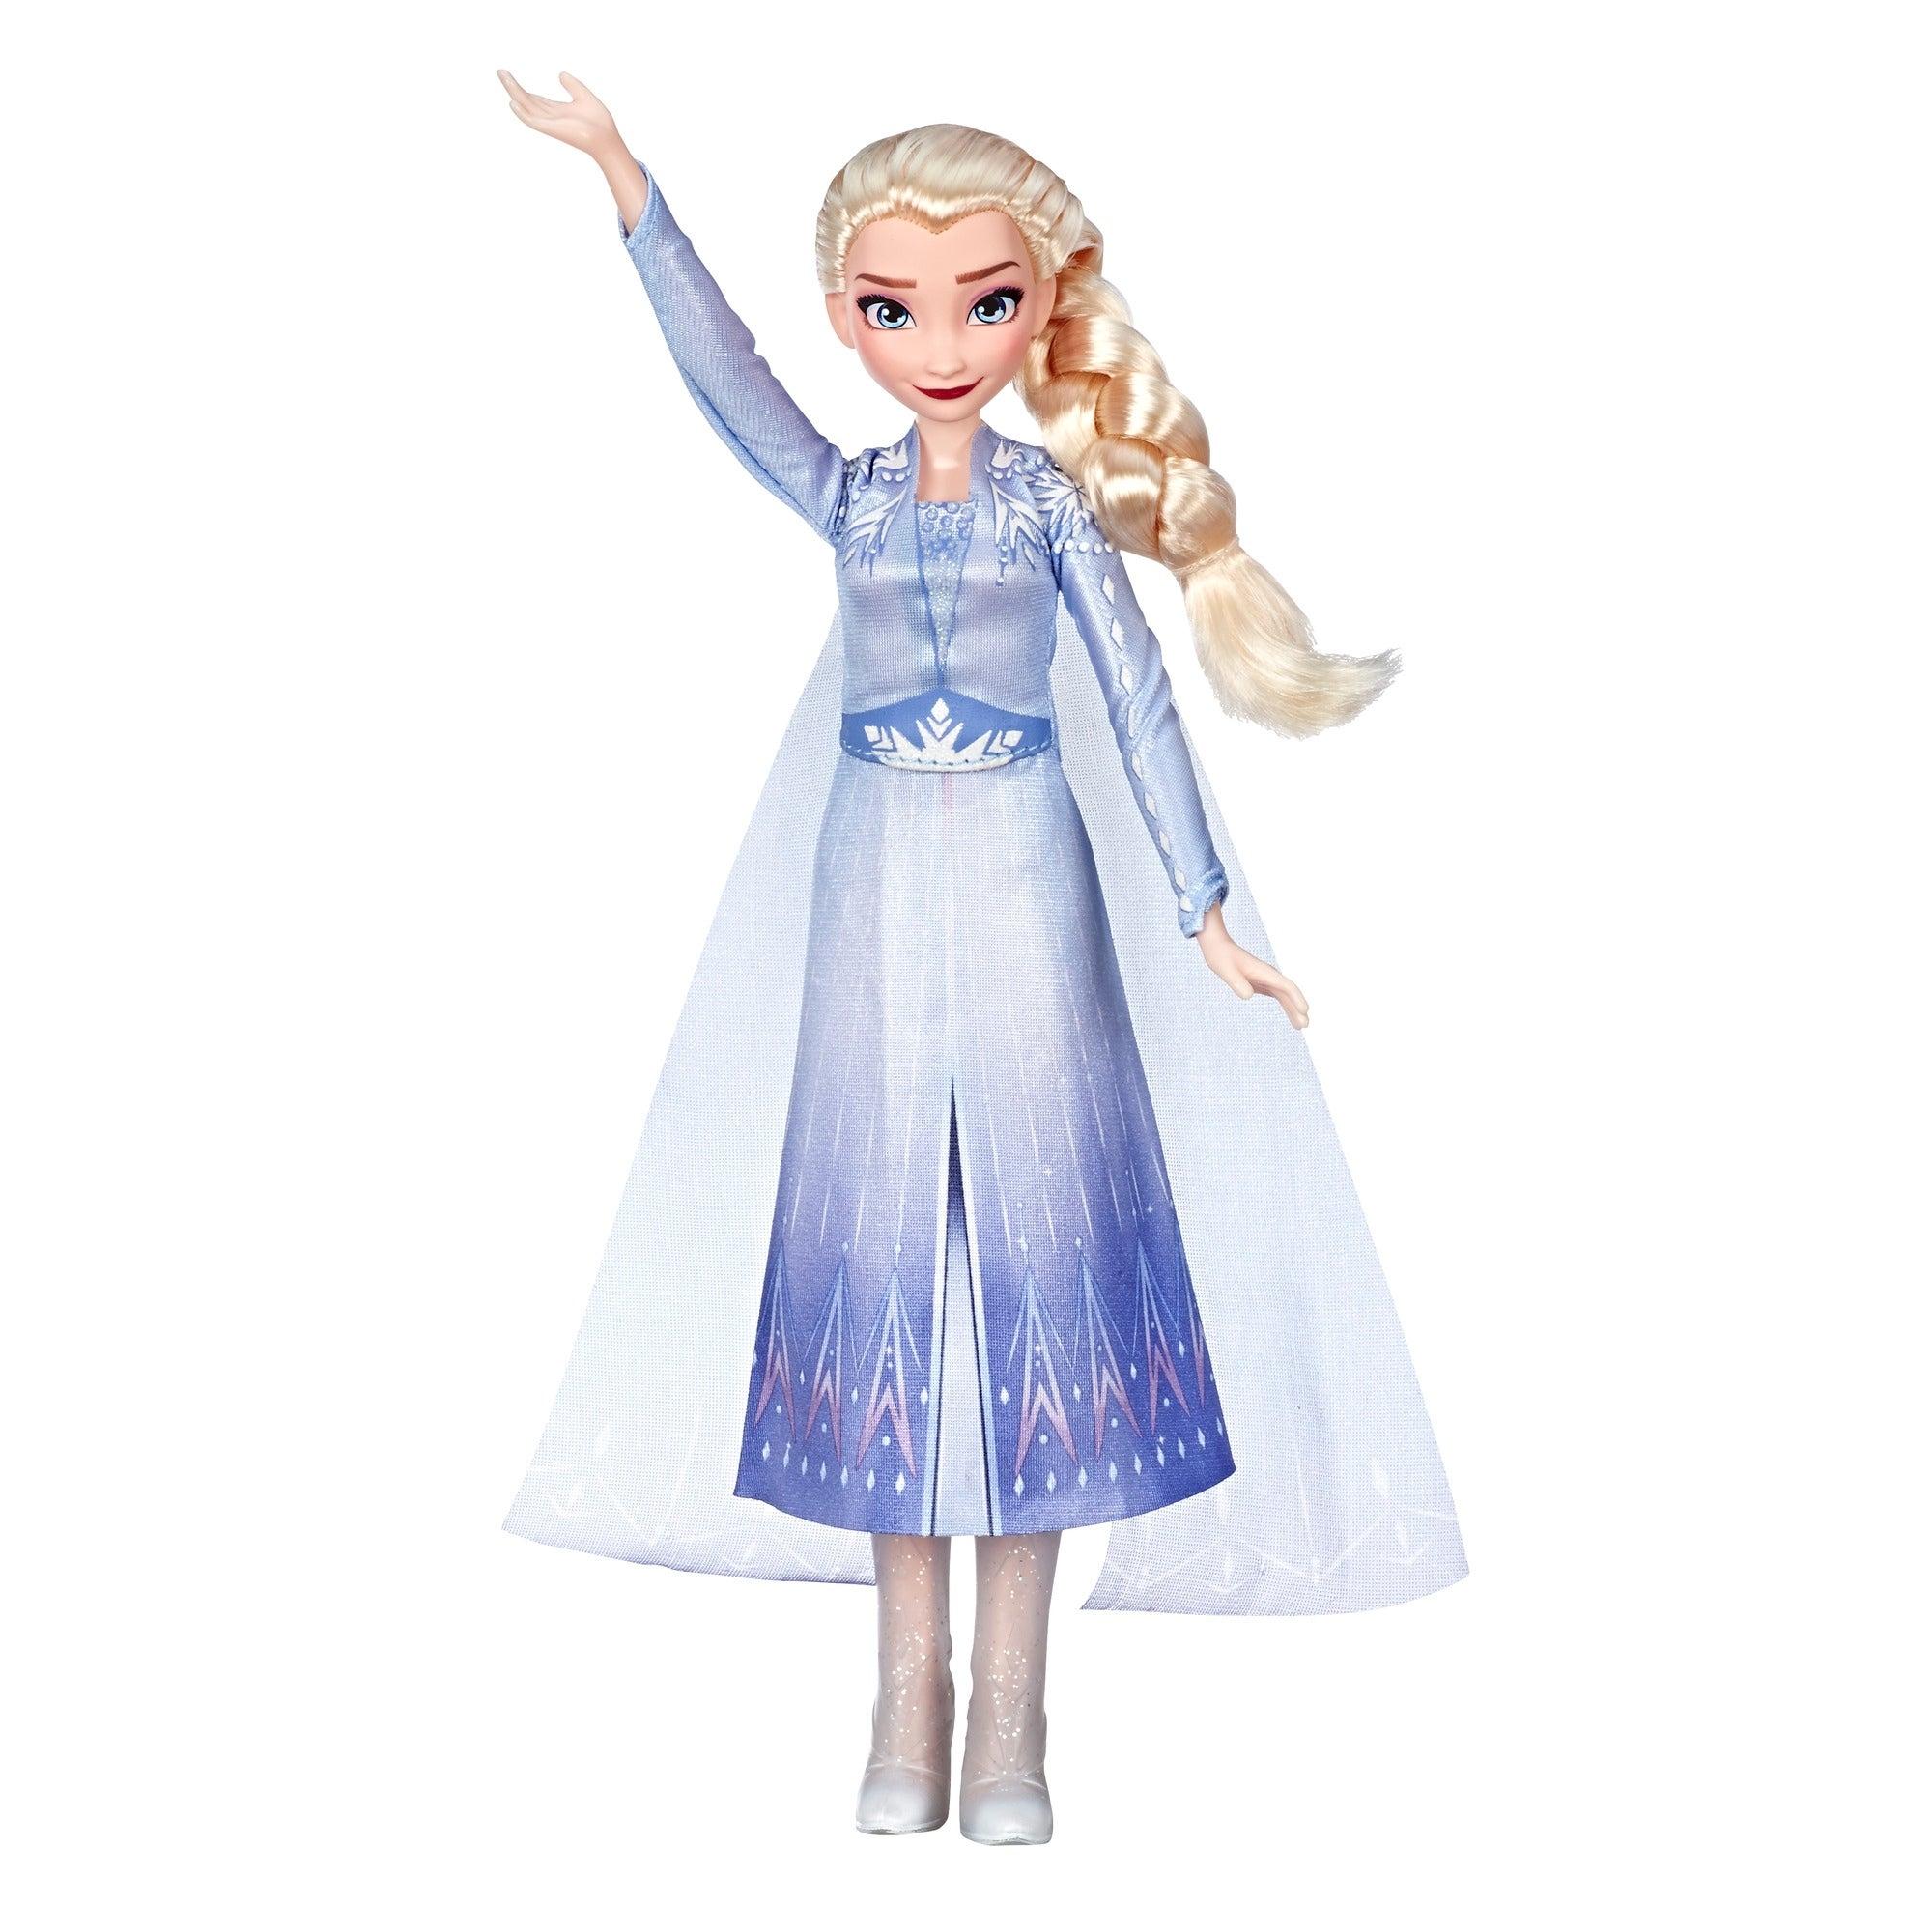 Disney Frozen Anna Elsa Jogging Suit